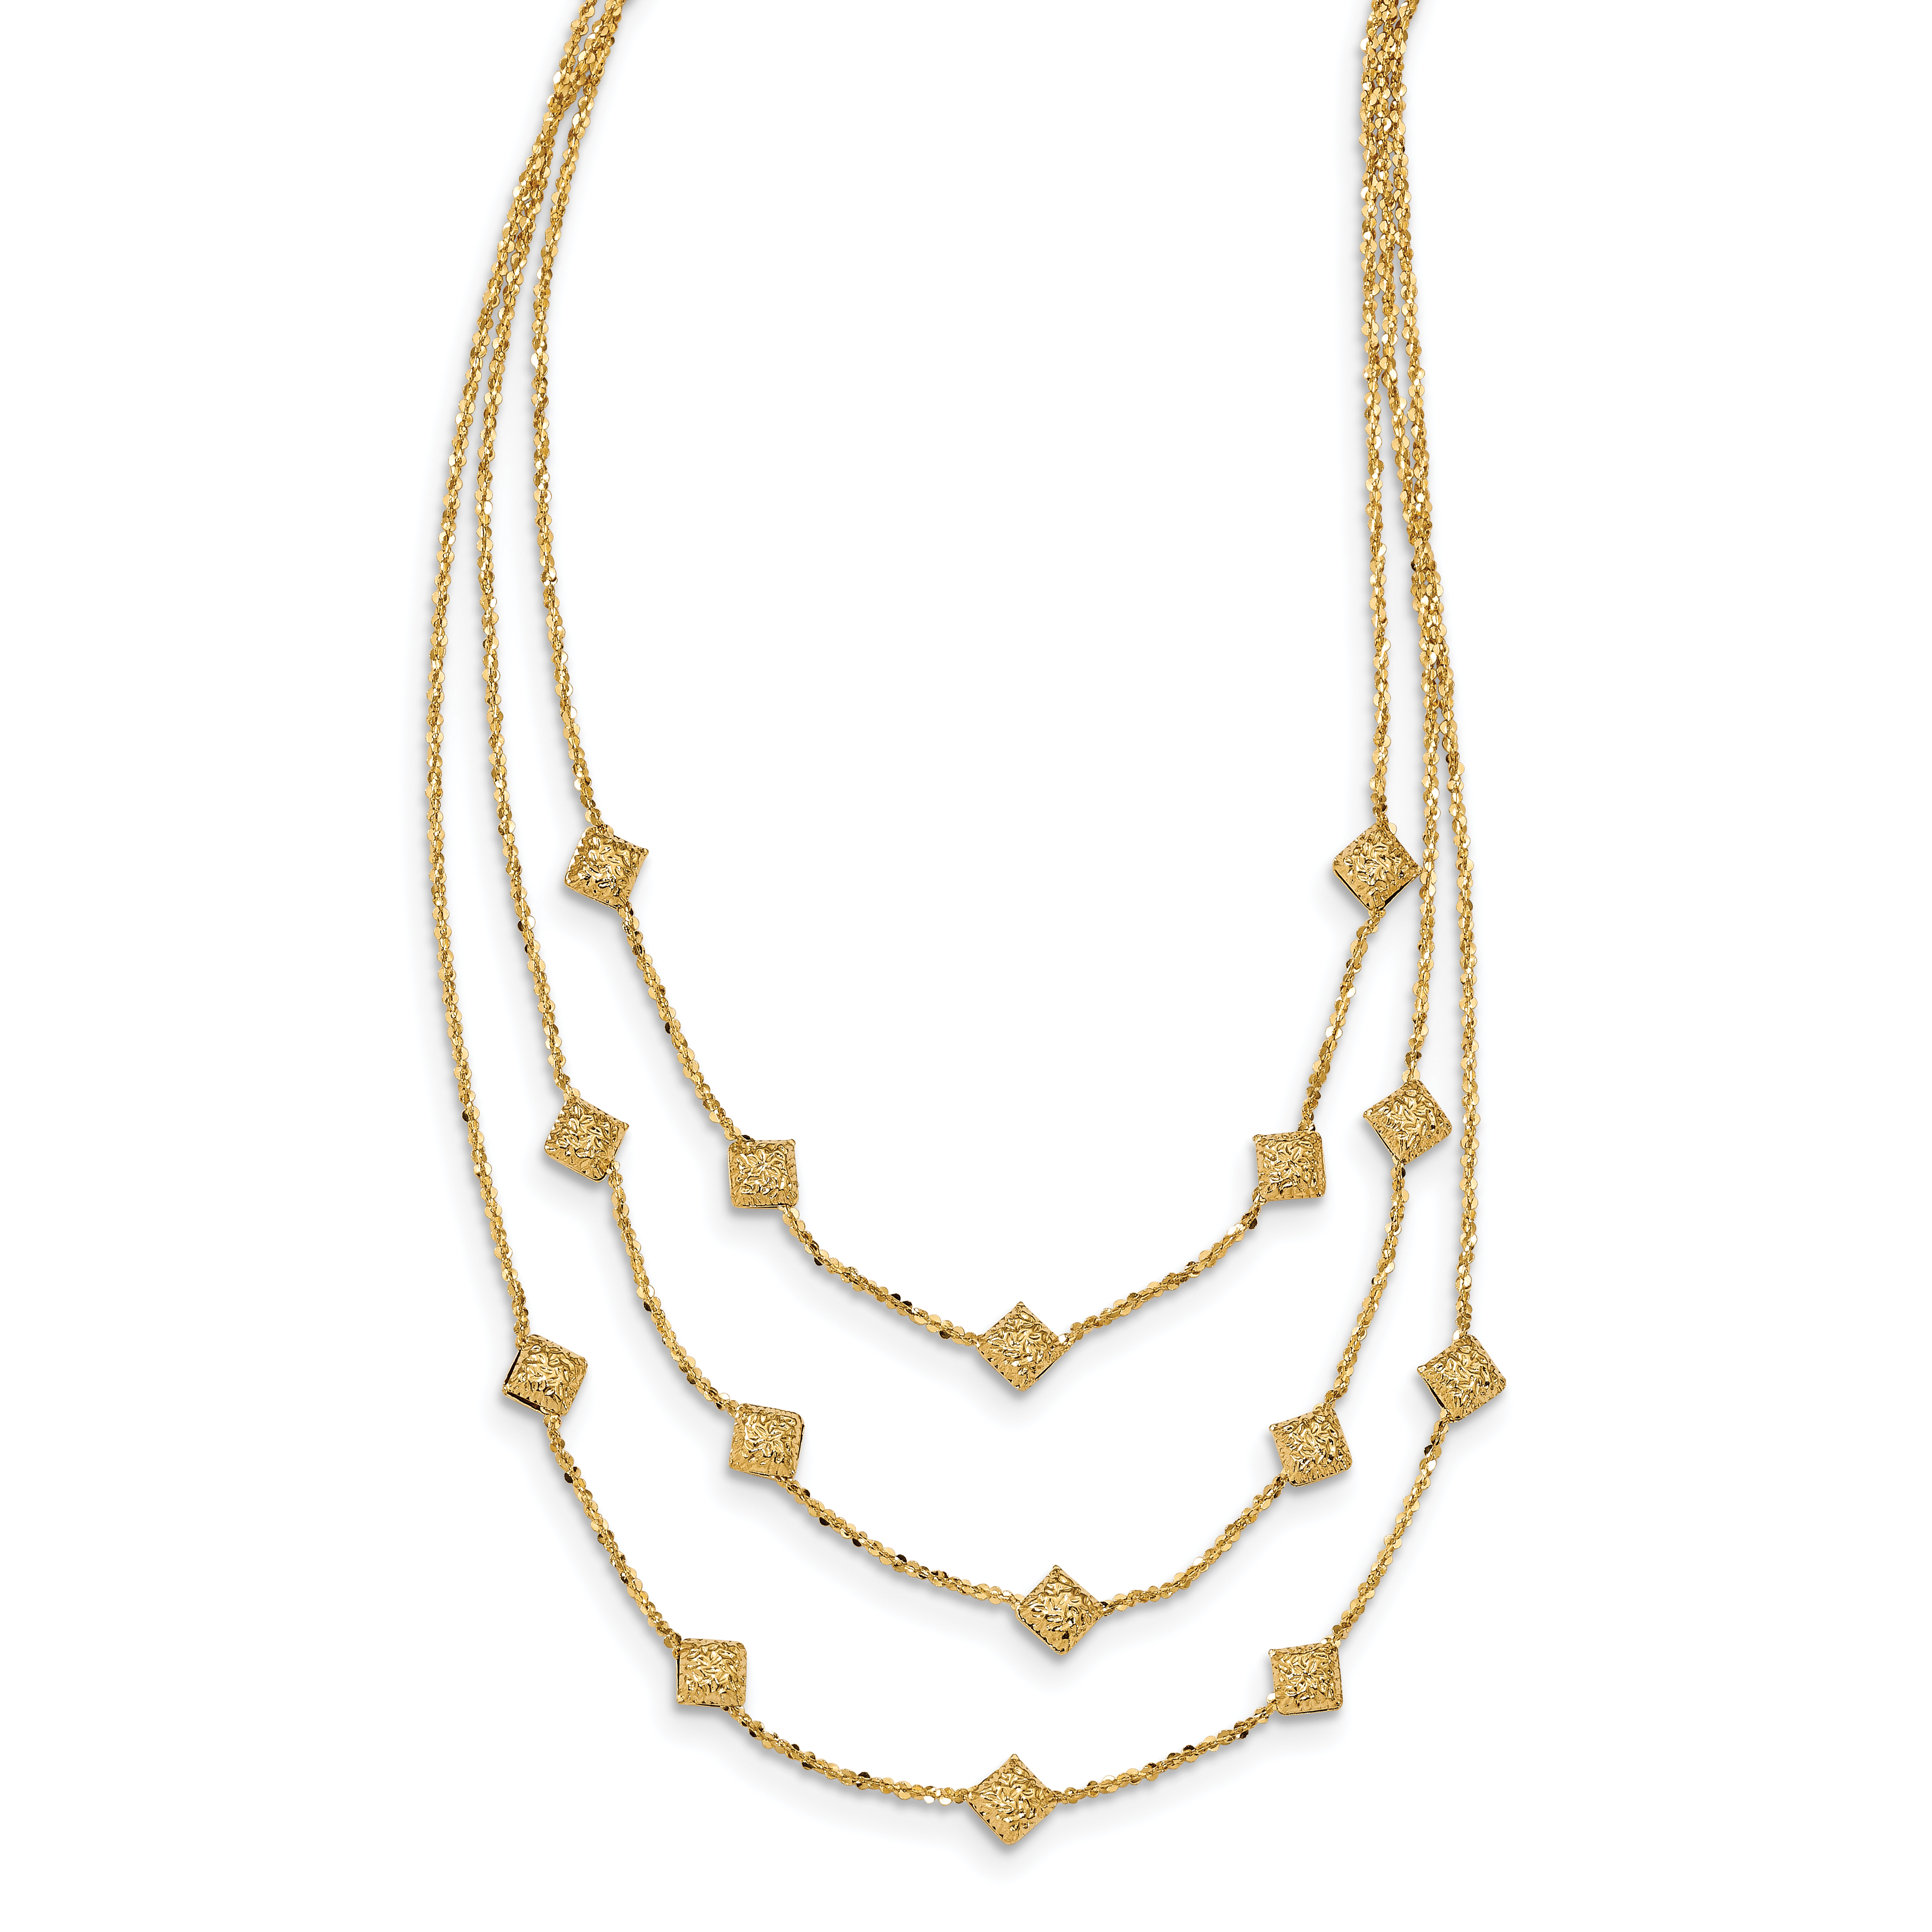 Leslie's 14K Polished & Textured 3 Strand Necklace